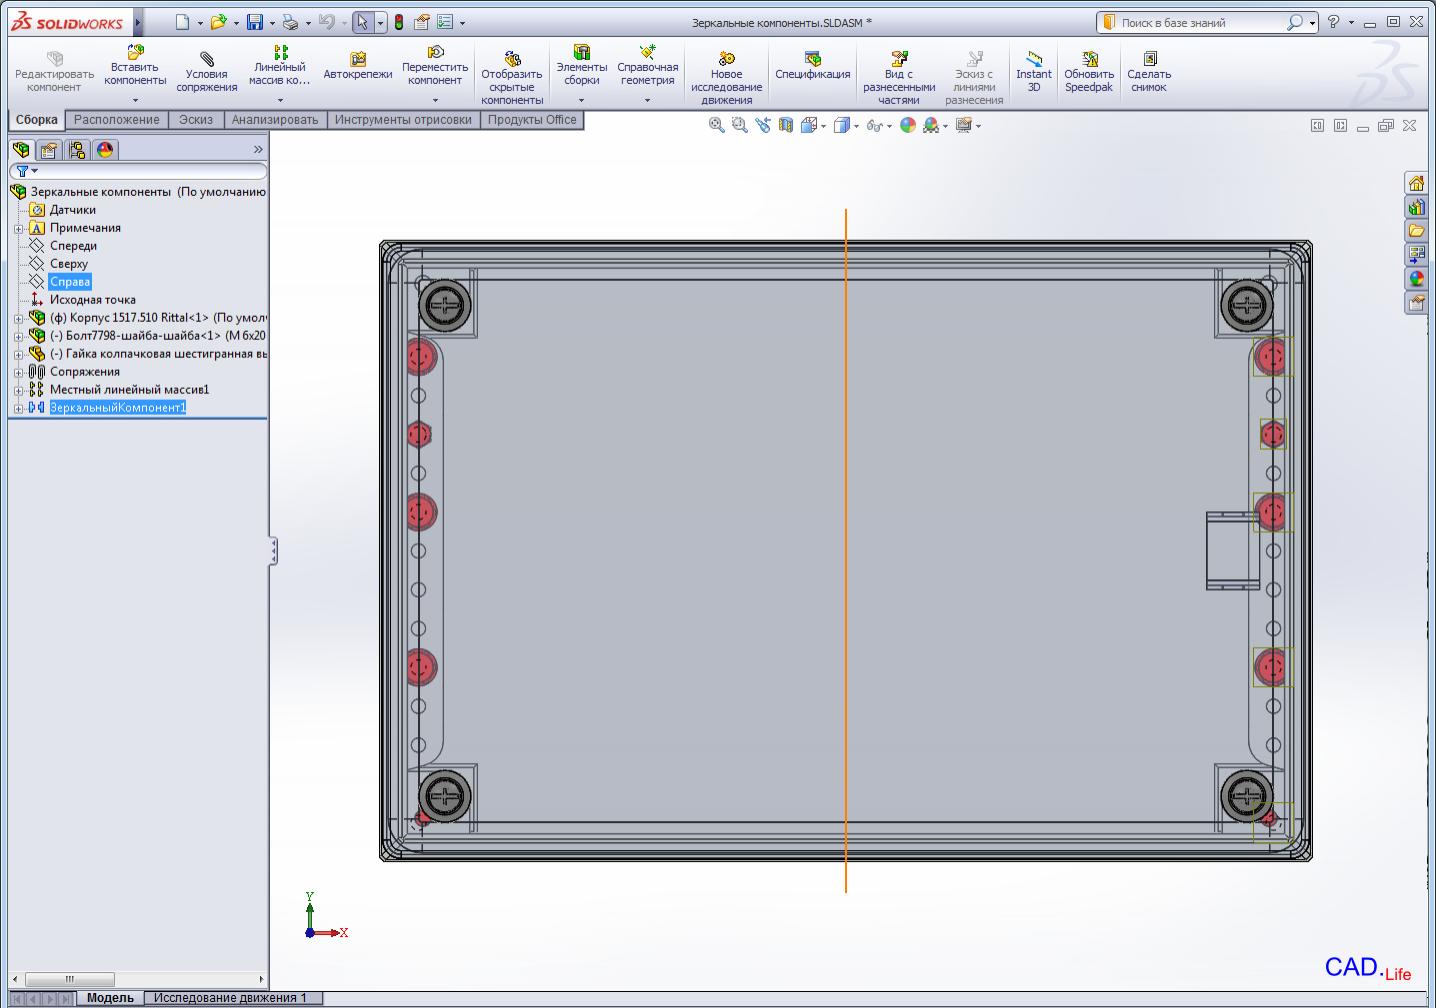 Solidworks 2013|Зеркальное отражение компонентов сборки